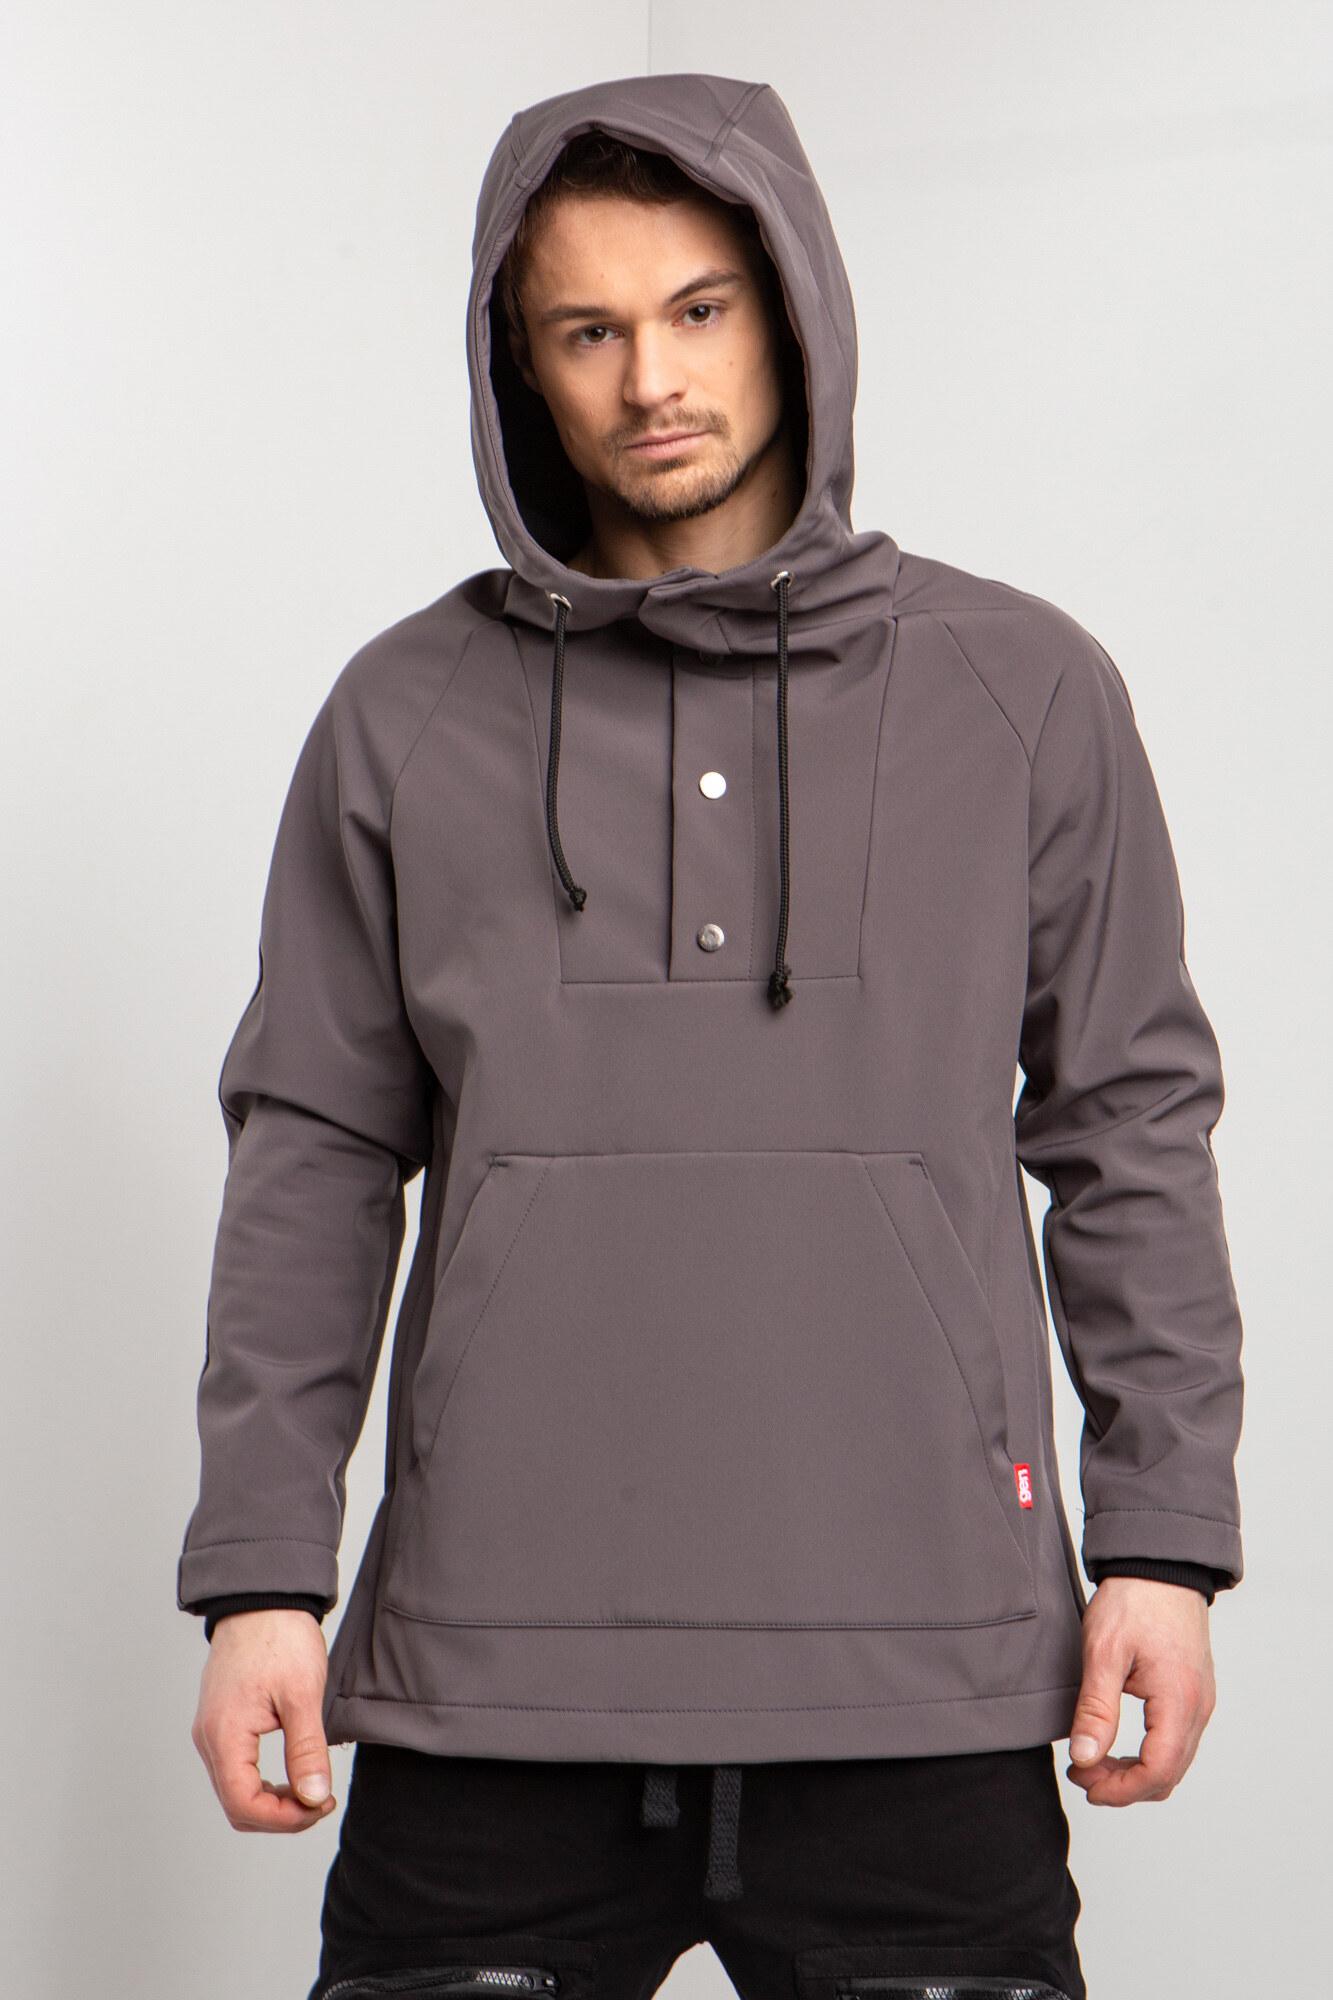 Серая куртка анорак с начесом для весны с капюшоном и большим карманом кенгуру